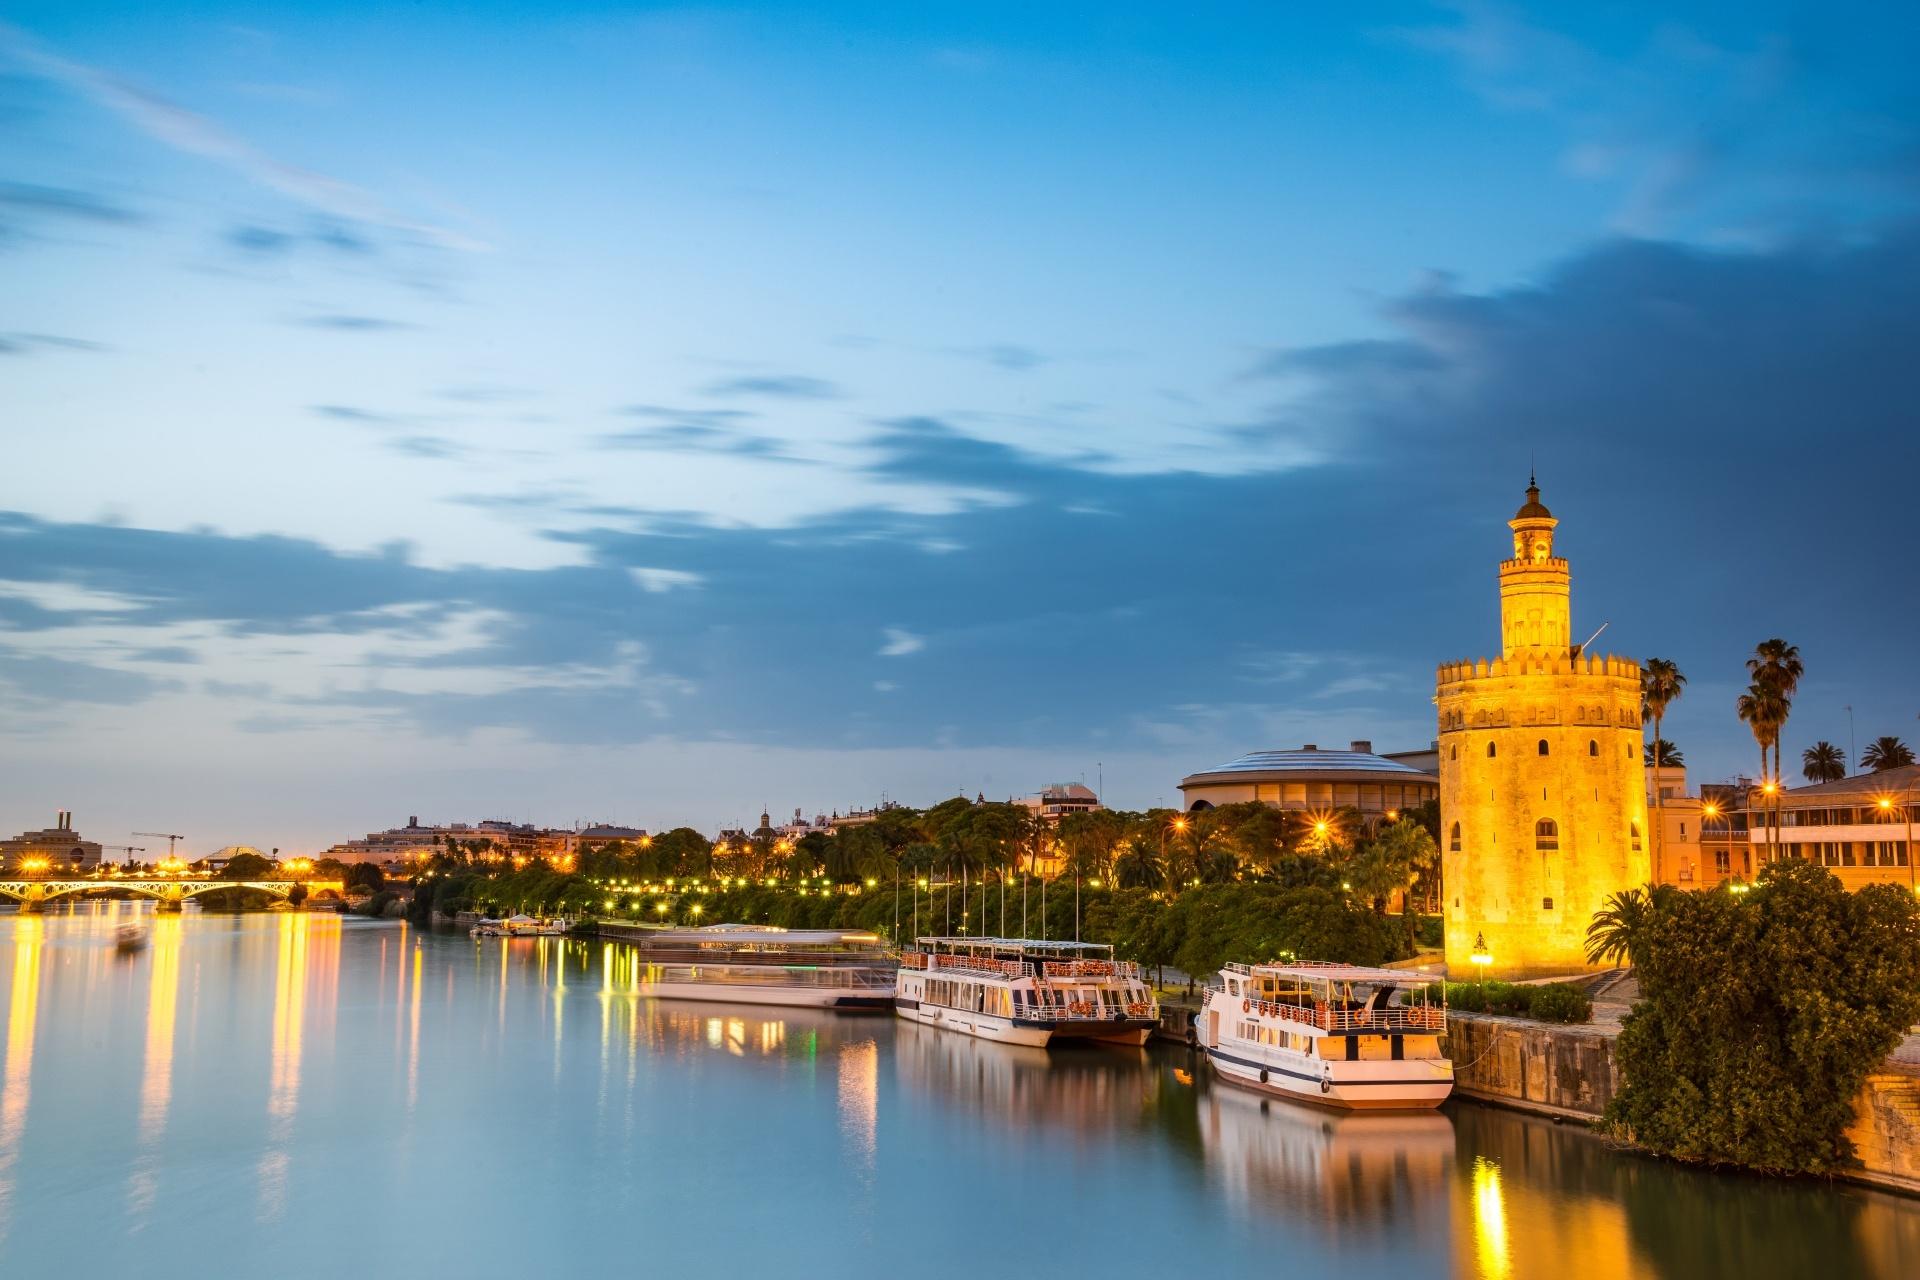 トーレ・デル・オロと夕暮れのグアダルキビール川の風景 スペイン セビリアの風景